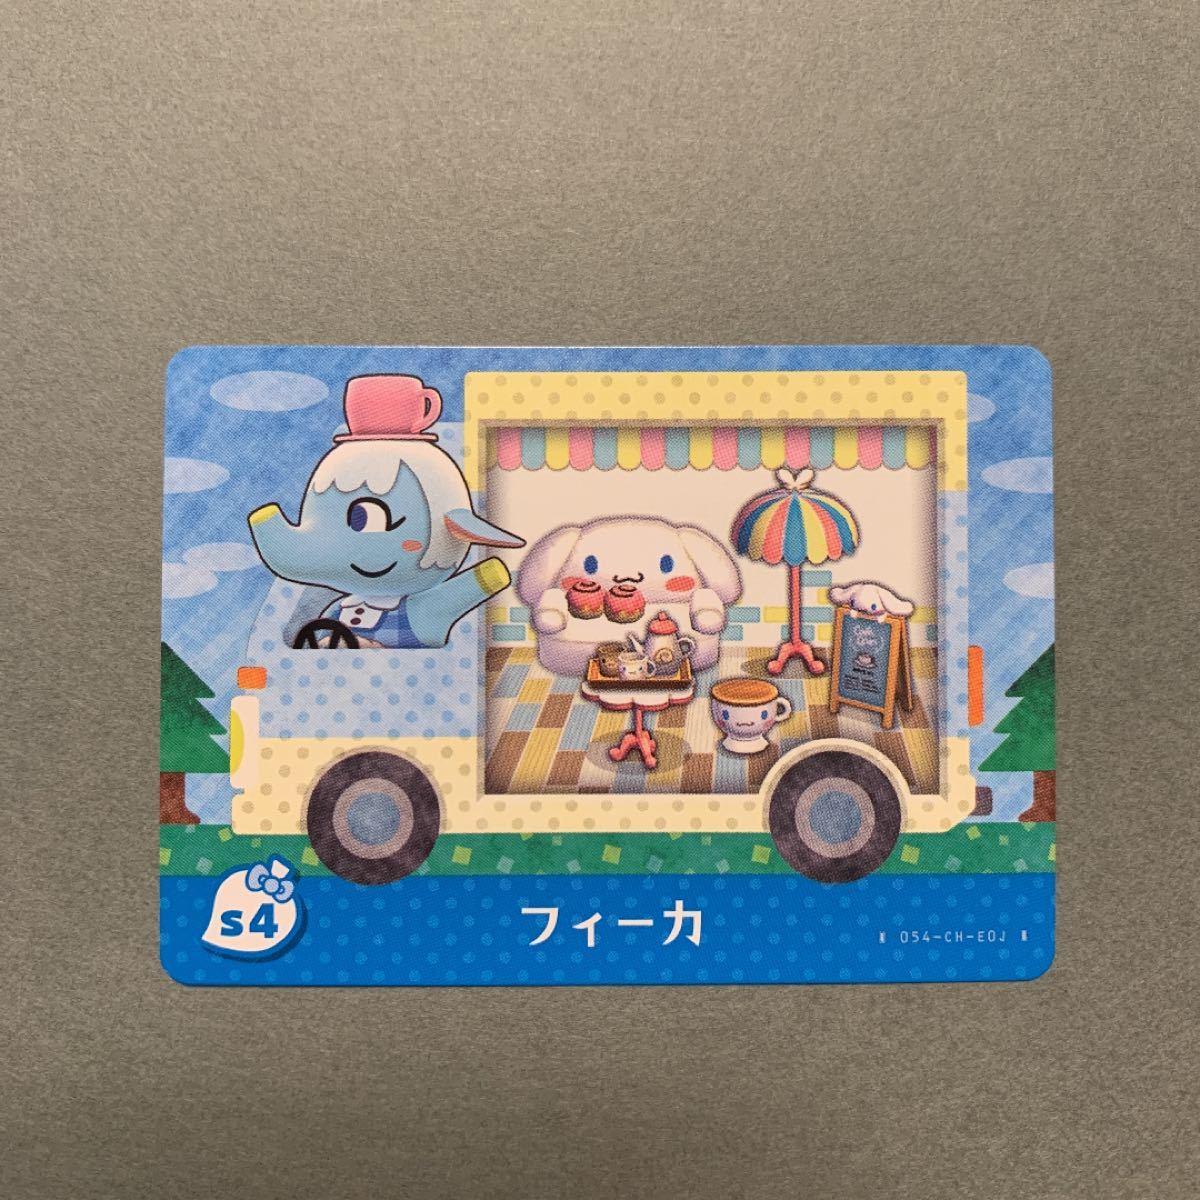 とびだせどうぶつの森 amiiboカード サンリオ【s4 フィーカ】+100円でシールも選べます!